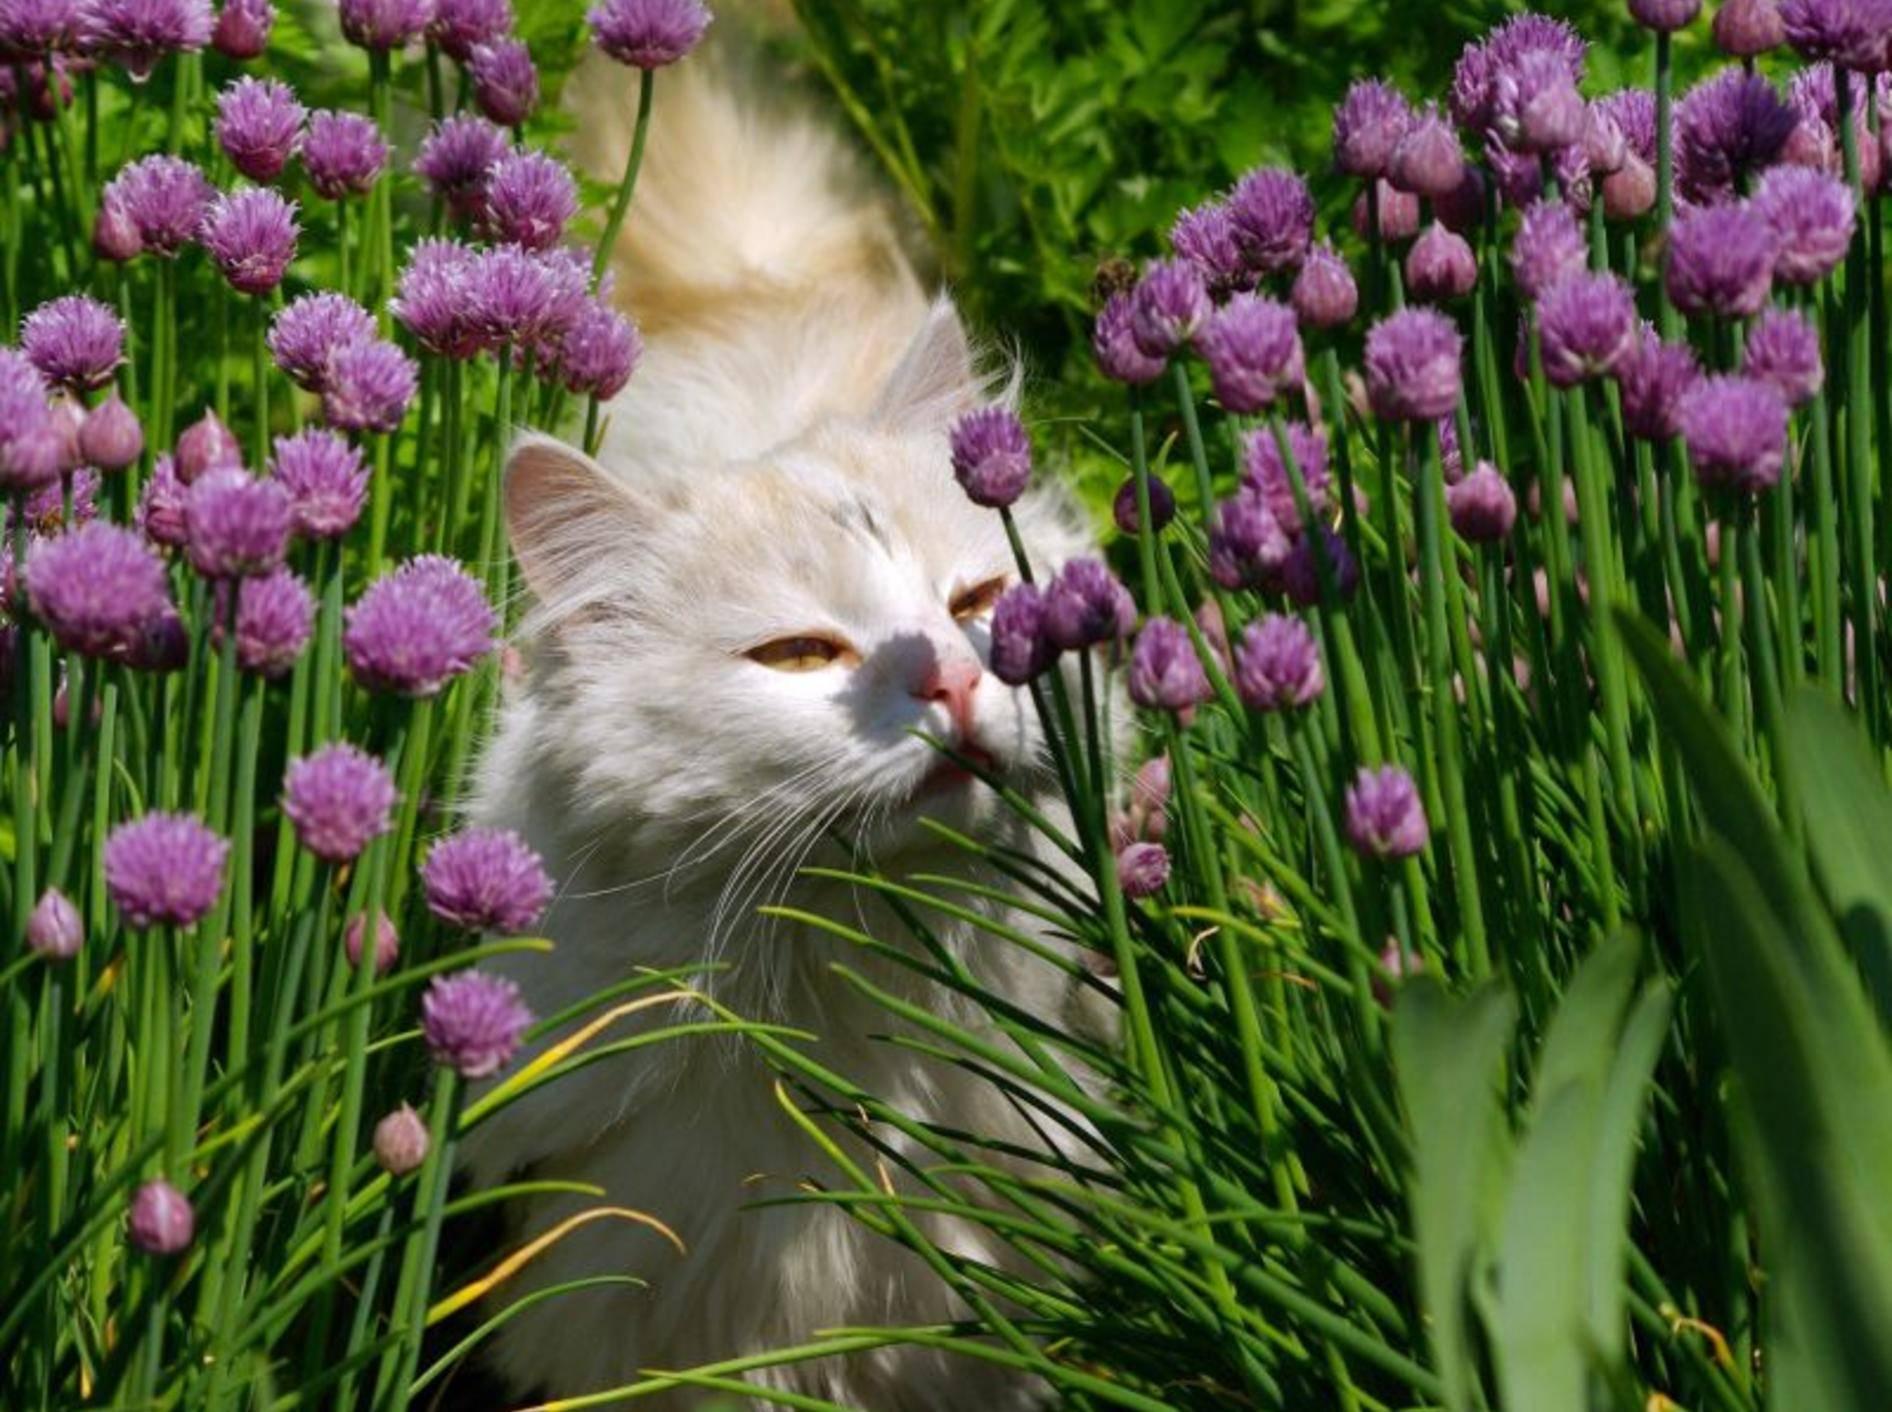 Tipps zur Katzenerziehung: Hilfe durch Aromastoffe — Bild: Shutterstock / Artistas